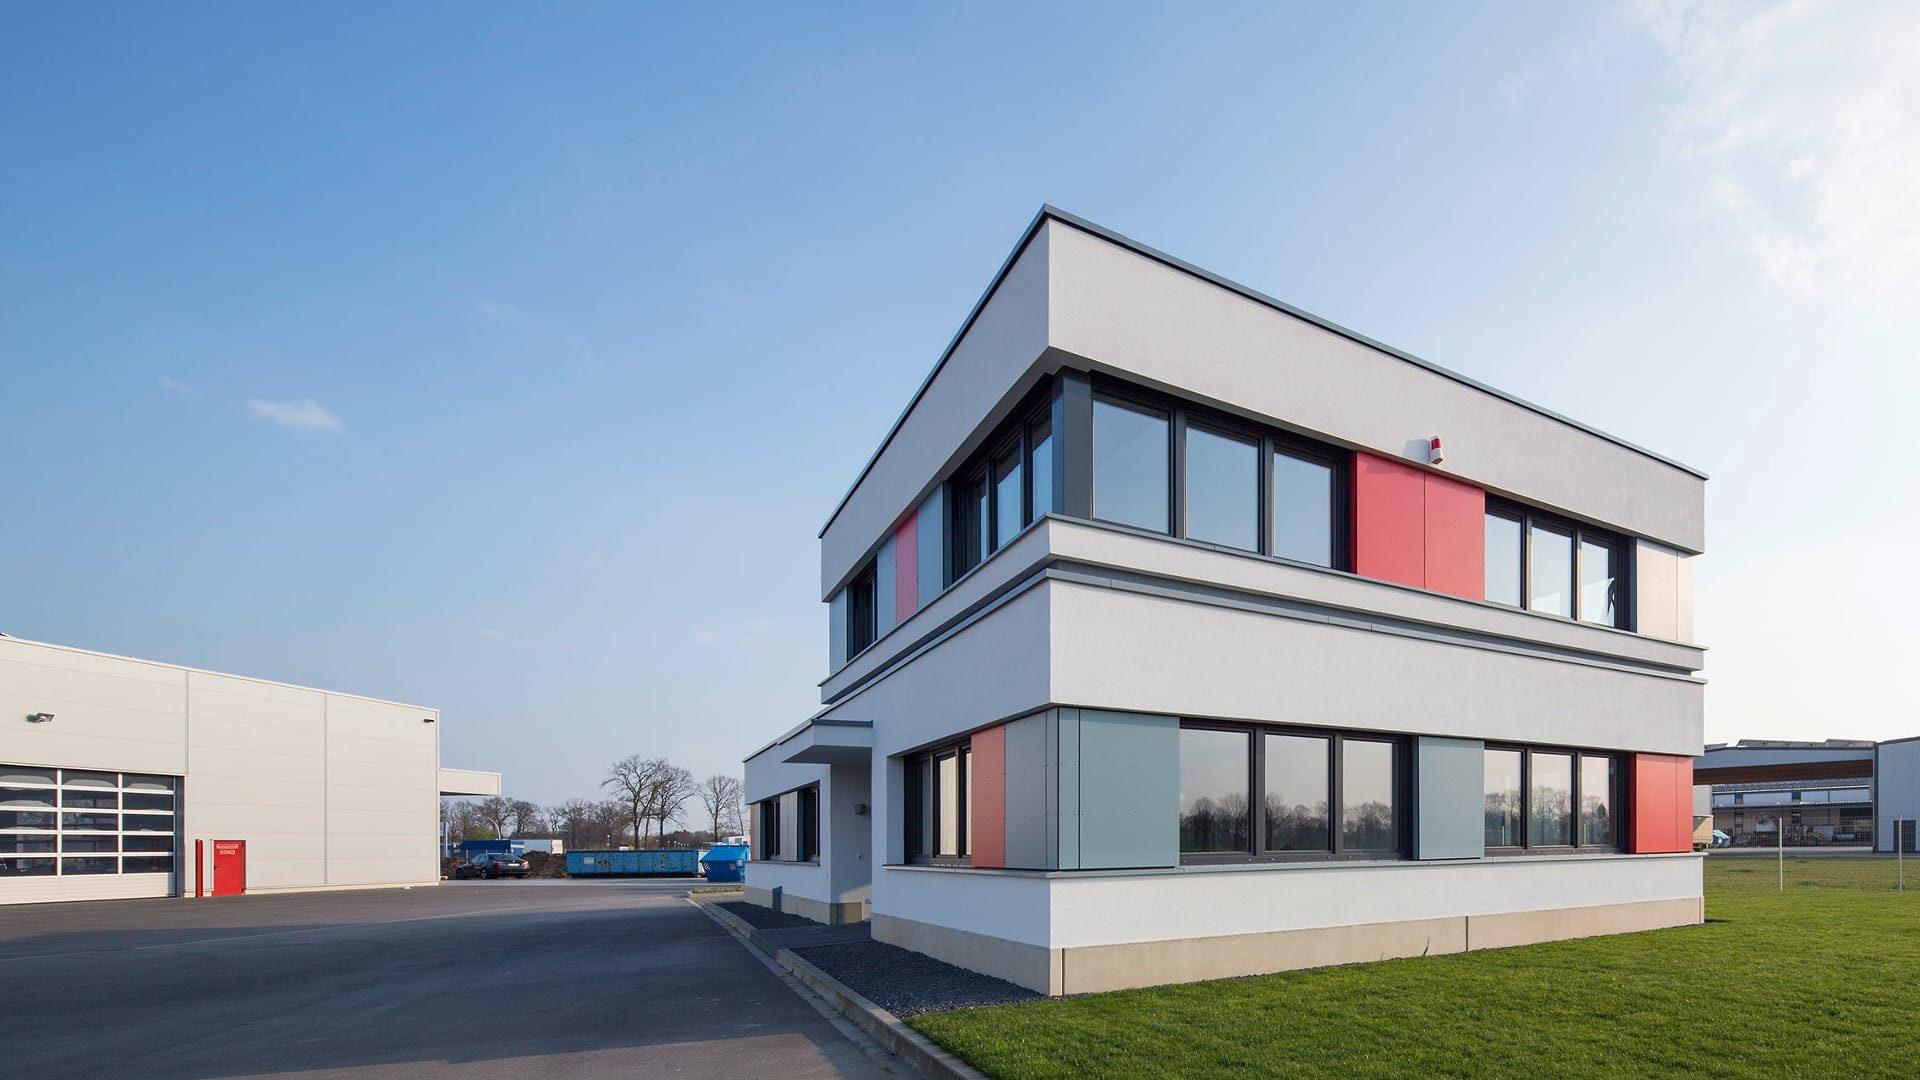 RB-III, Neubau Verwaltungsgebäude - ARCHITEKTEN mbB VAHLE + PARTNER